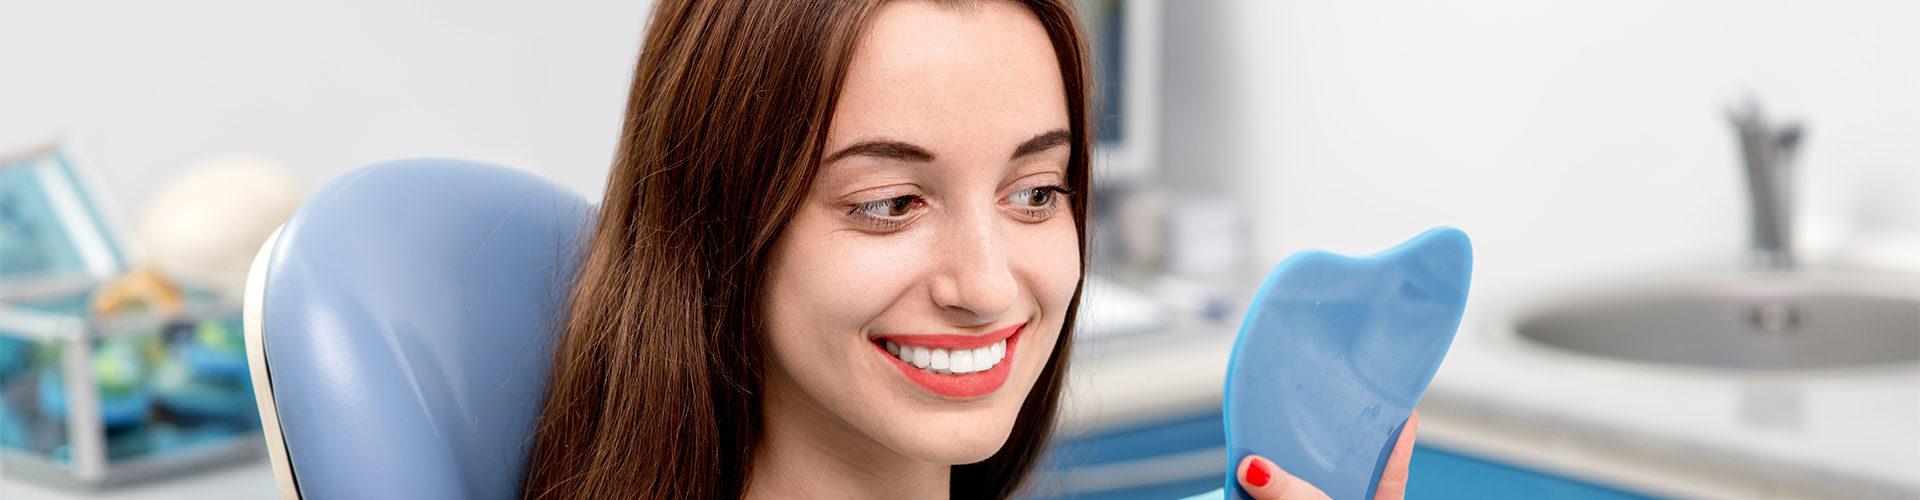 Oral Exams & Dental Cleanings Calgary